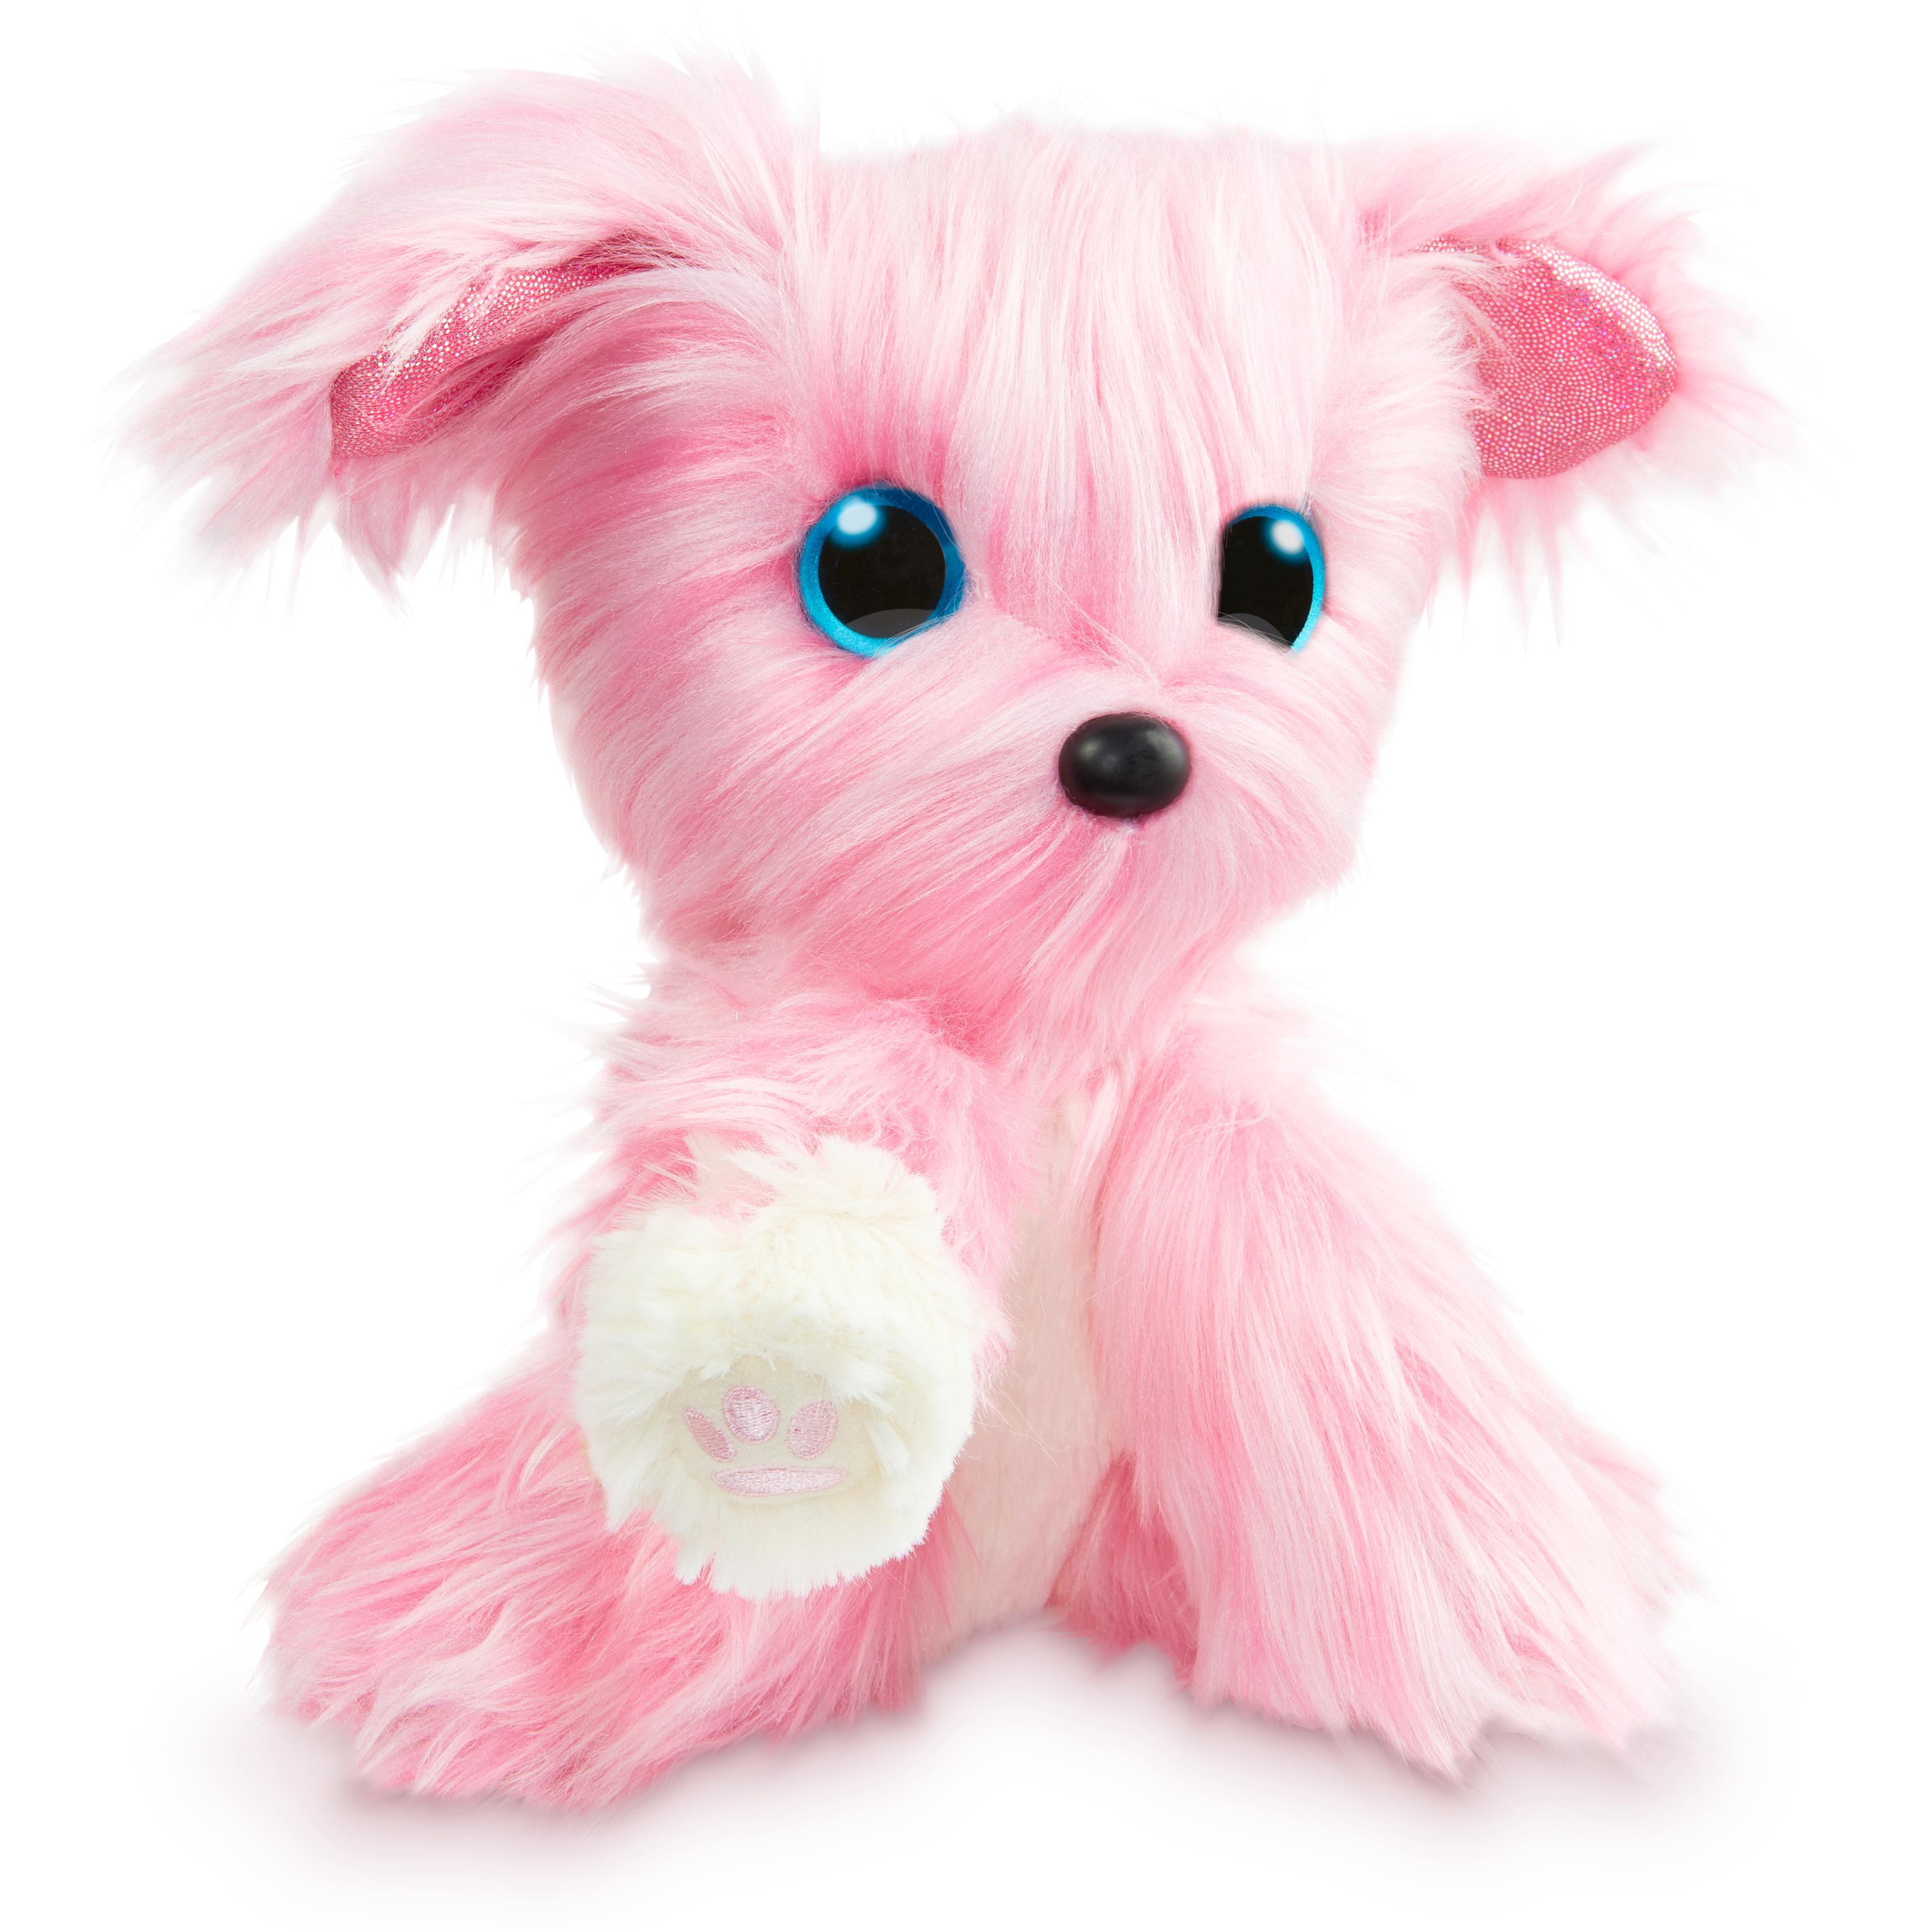 Купить Пушистик-потеряшка, Розовый в ассортименте, 1шт., Worlds Apart 635SLP01, Китай, pink, Женский